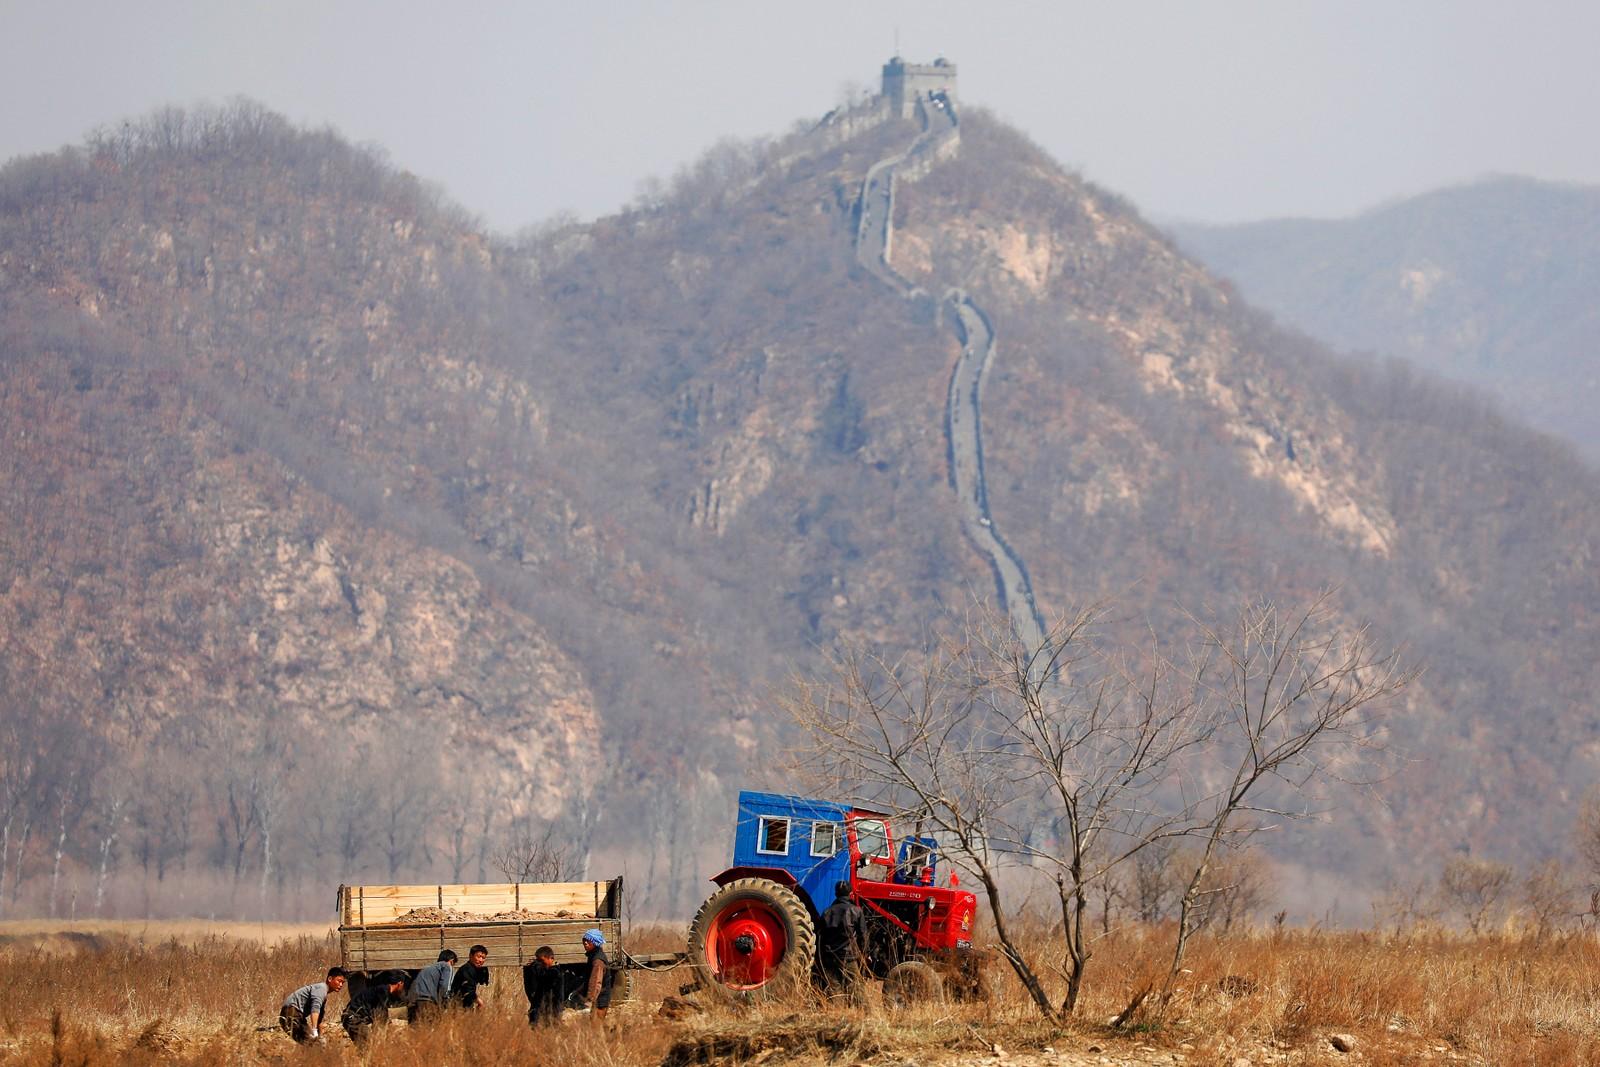 Nord-koreanske bønder jobber på en åker nord for byen Sinuiju. I bakgrunnen ser vi Den kinesiske mur.